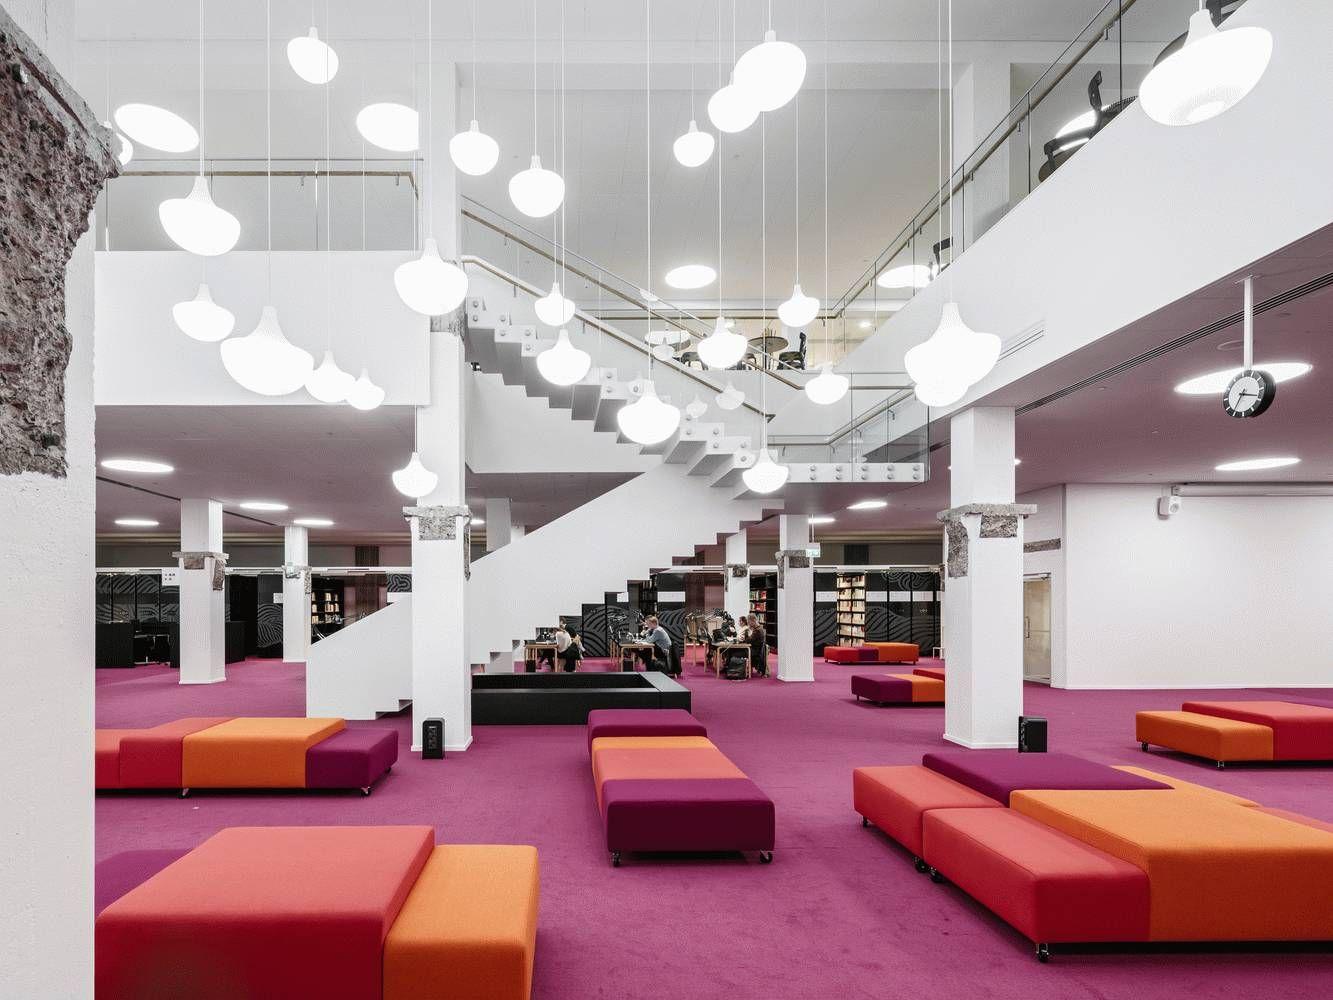 阿尔托大学图书馆设计欣赏